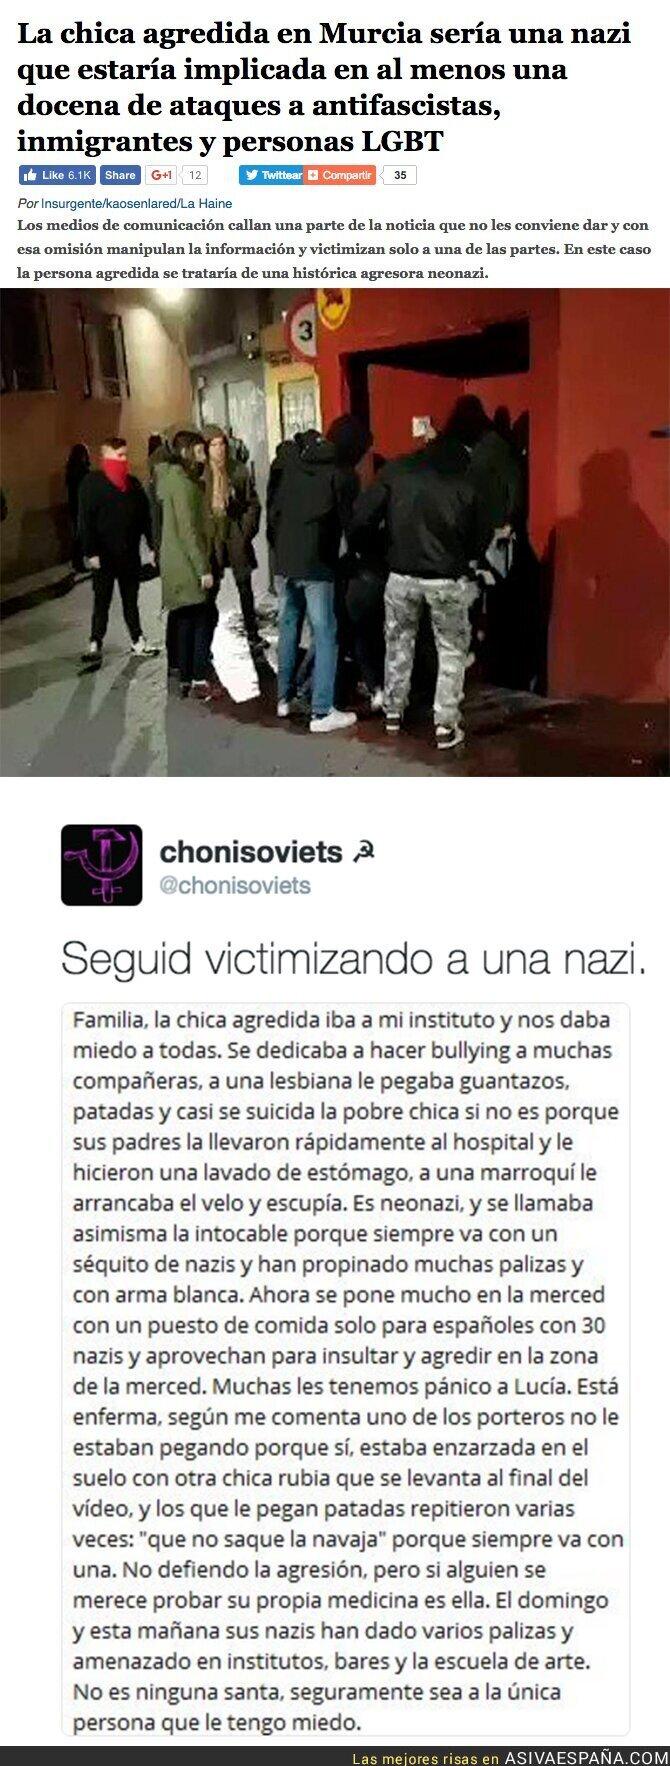 61445 - La historia que no cuentan los medios sobre la chica agredida en Murcia por antifascistas